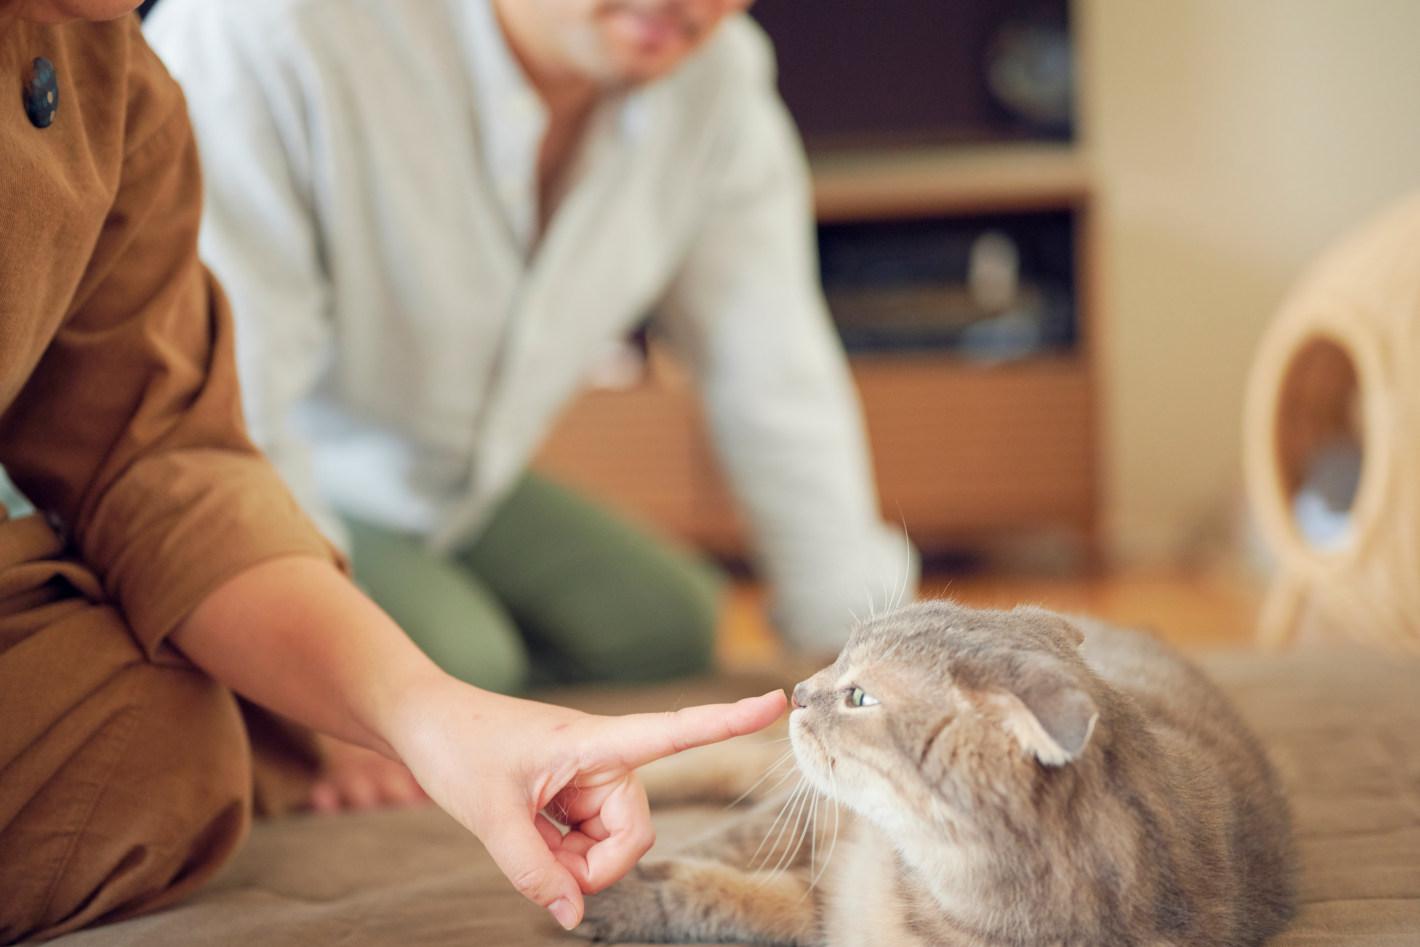 犬と暮らすはずが愛猫フォトグラファーに!?猫にはまった夫婦のフォトライフ